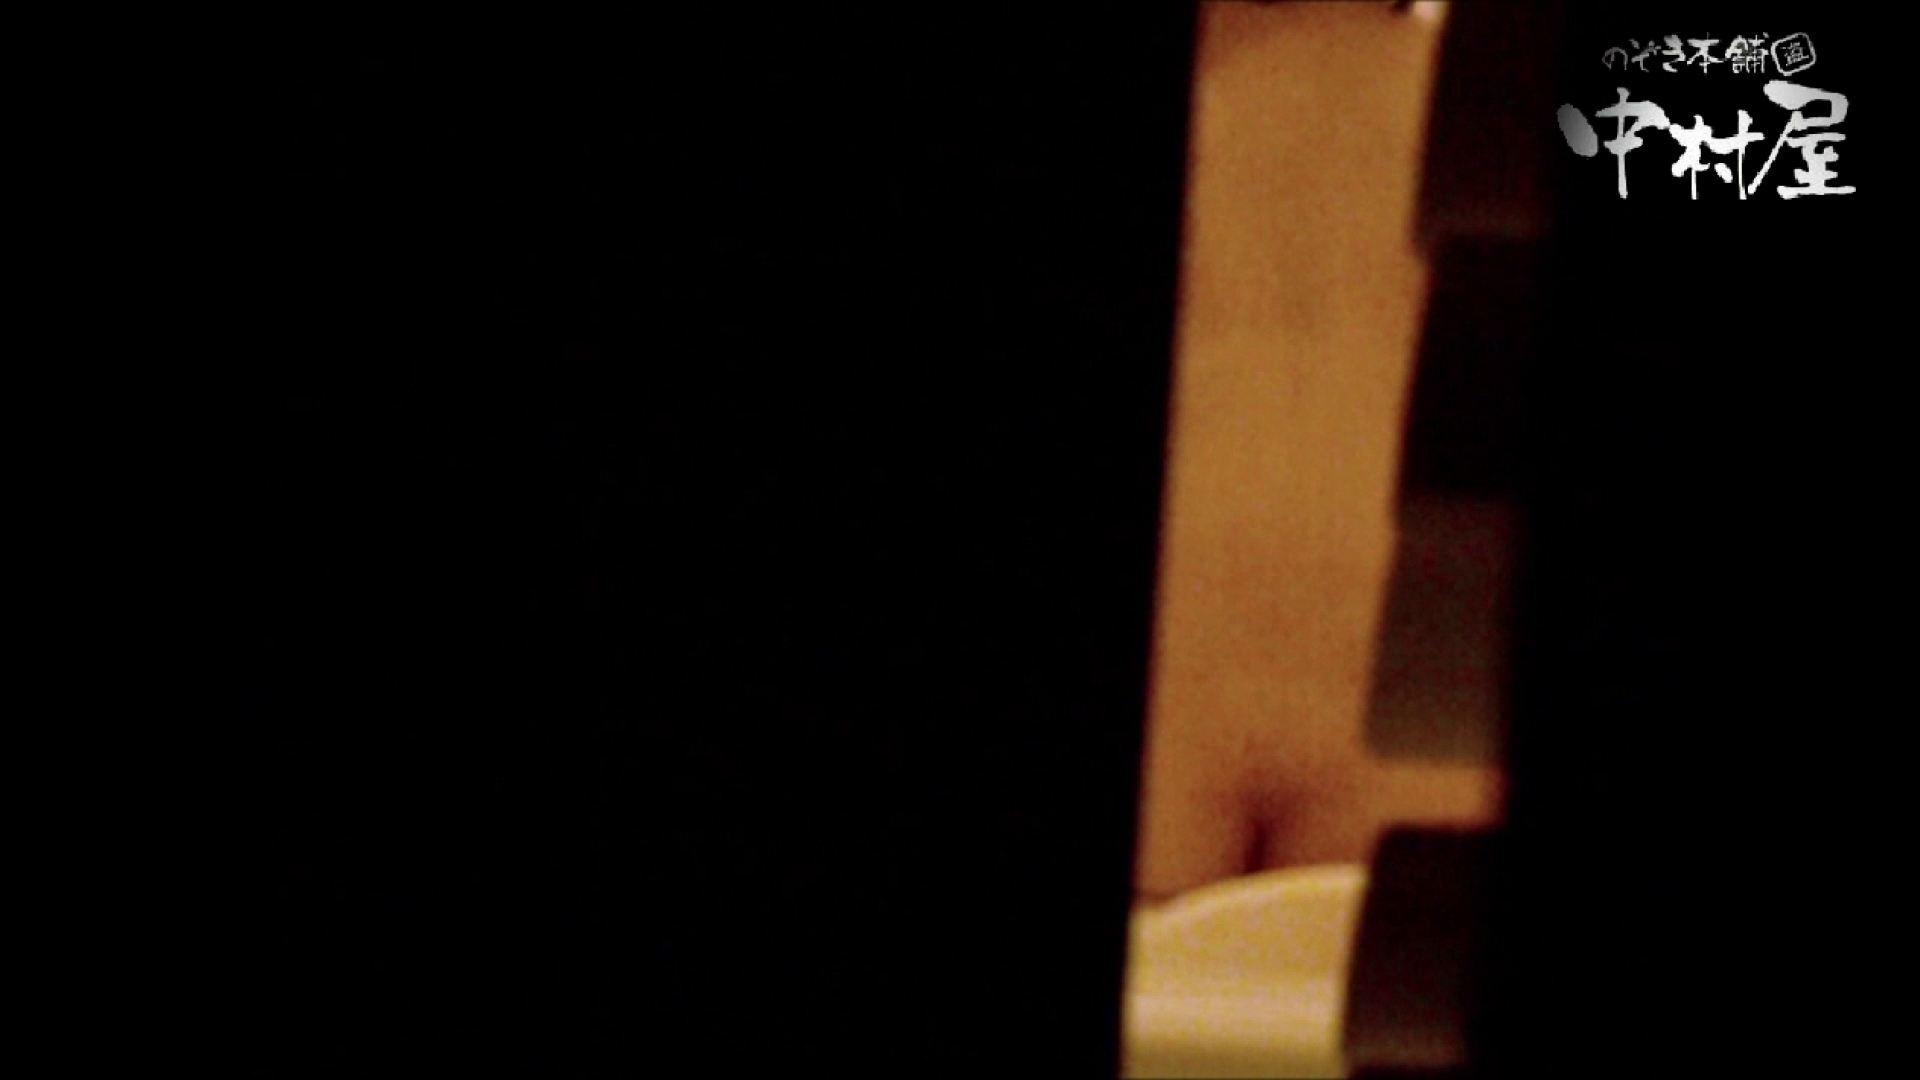 雅さんの独断と偏見で集めた動画集 民家Vol.4 ギャルのエロ動画 SEX無修正画像 111PIX 32